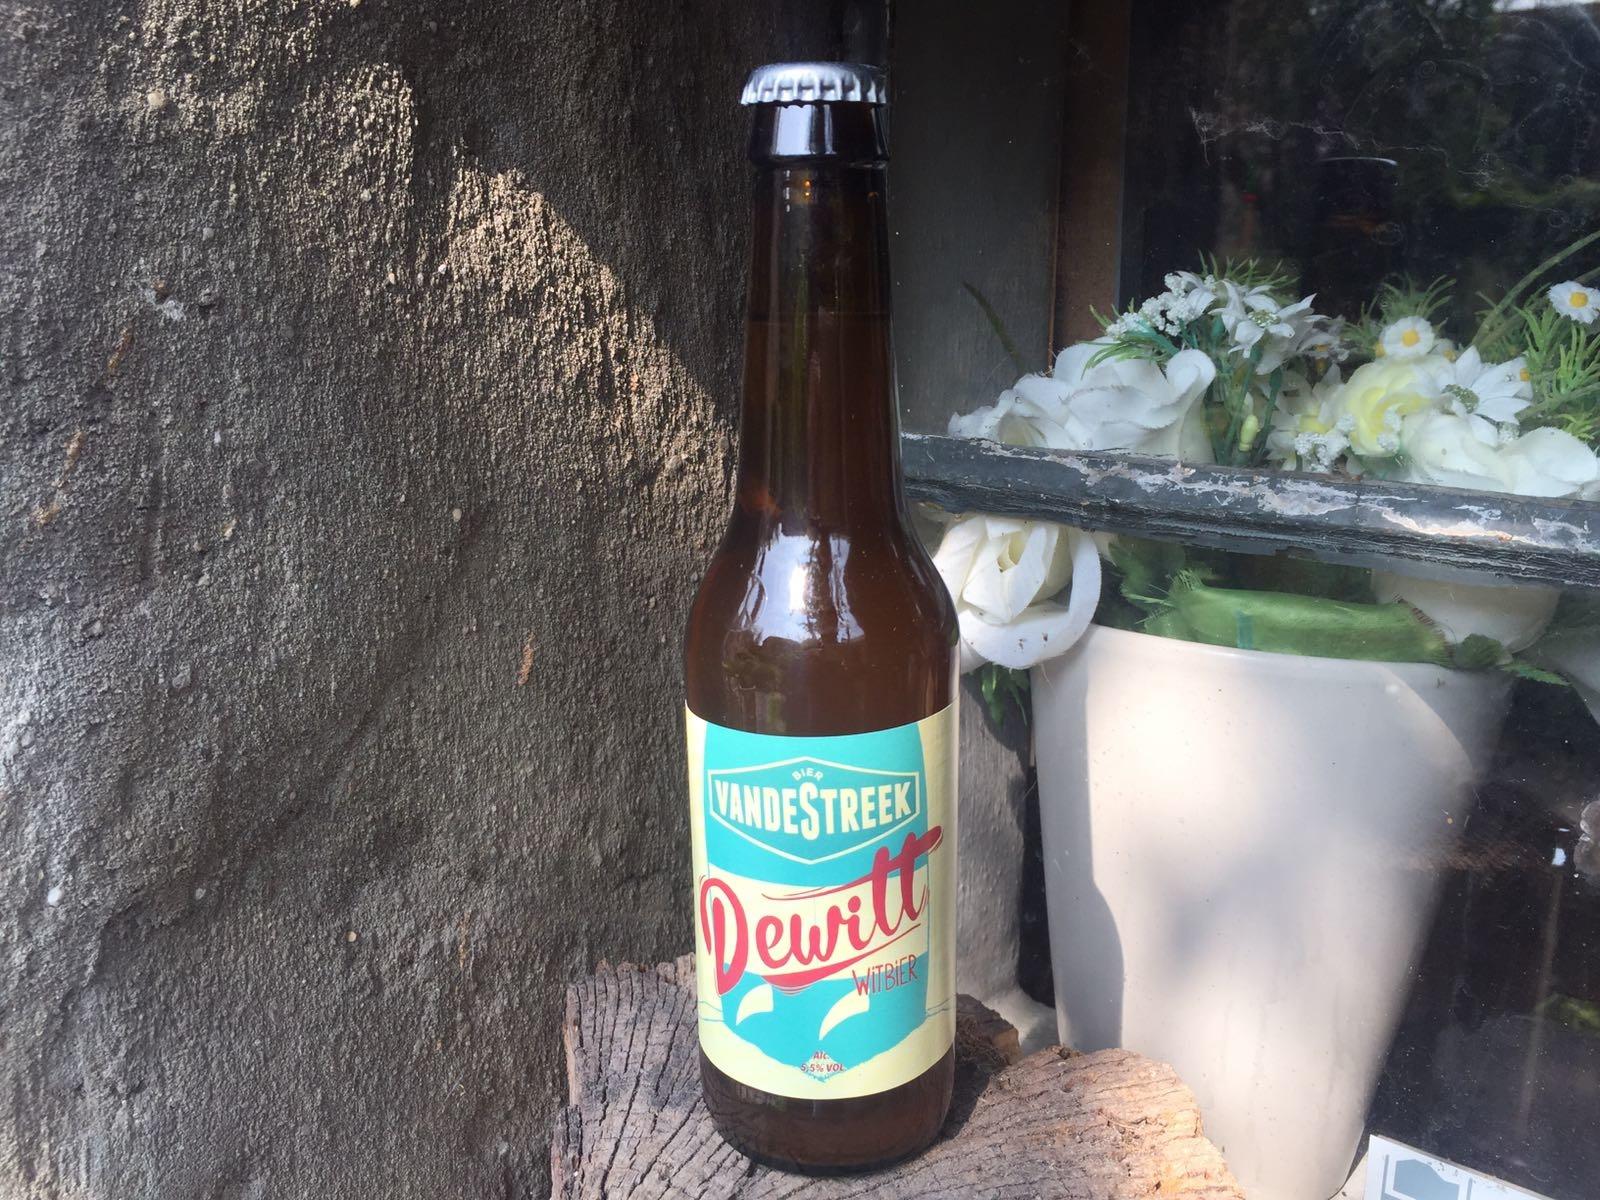 Van de Streek DeWitt Herkomst: Utrecht, Nederland Fris speciaalbier met in de neus tonen van rijpe citrusvruchten. De schuimkraag van dit speciaalbier verdwijnt snel door het zuurgehalte in het bier. De smaak van DeWitt is licht kruidig met Sali op de voorgrond, dit in combinatie met de smaak van limoen. Vandestreek is een brouwerij uit Utrecht die is ontstaan door te gaan brouwen uit eigen keuken in 2010 waarna ze in 2013 officieel van start zijn gegaan. Het bier bevat een alcoholpercentage van 5,5%. Advies serveertemperatuur: 4 à 5 graden.